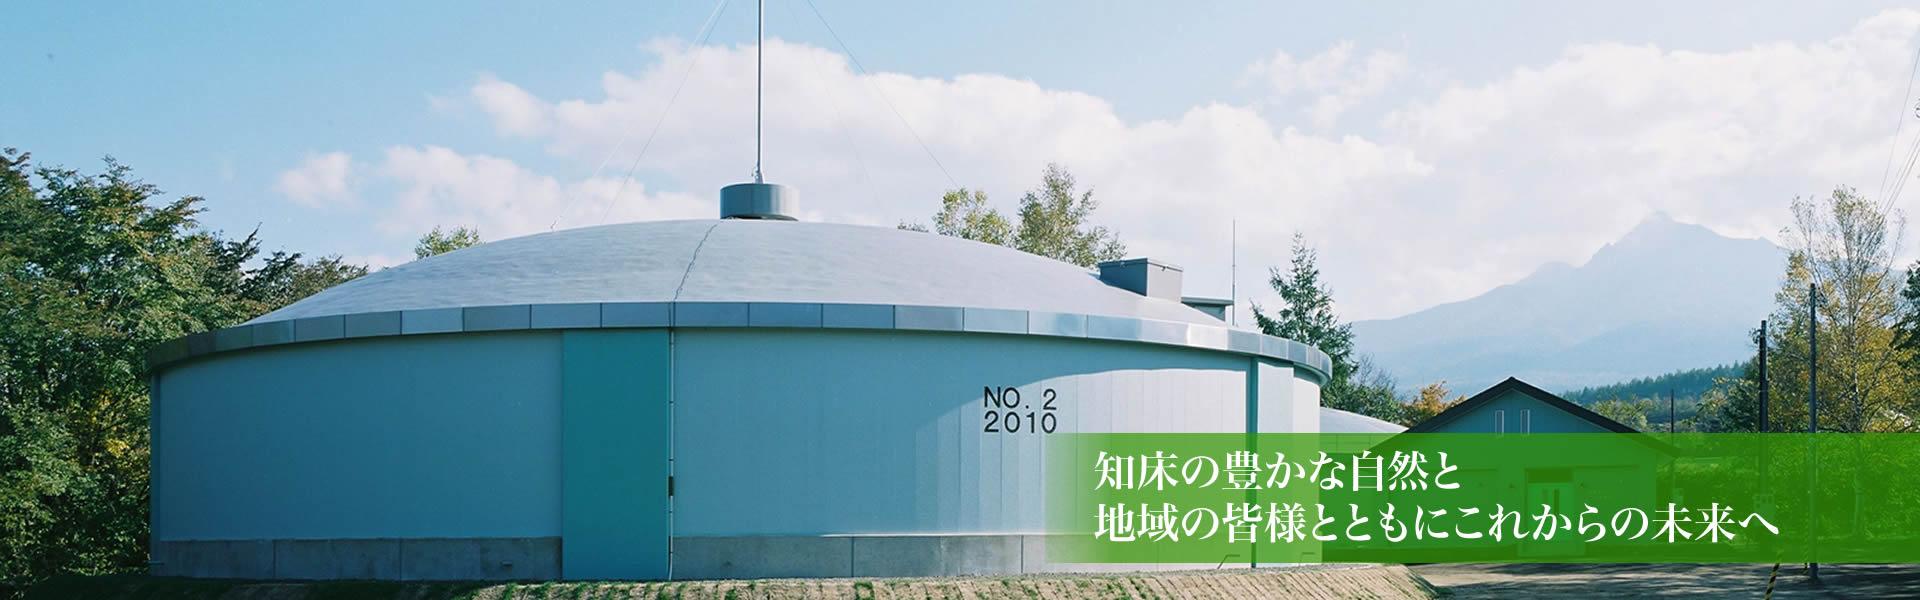 土橋ホールディングス TSUCHIHASHI HOLDINGS Co.,Ltd.